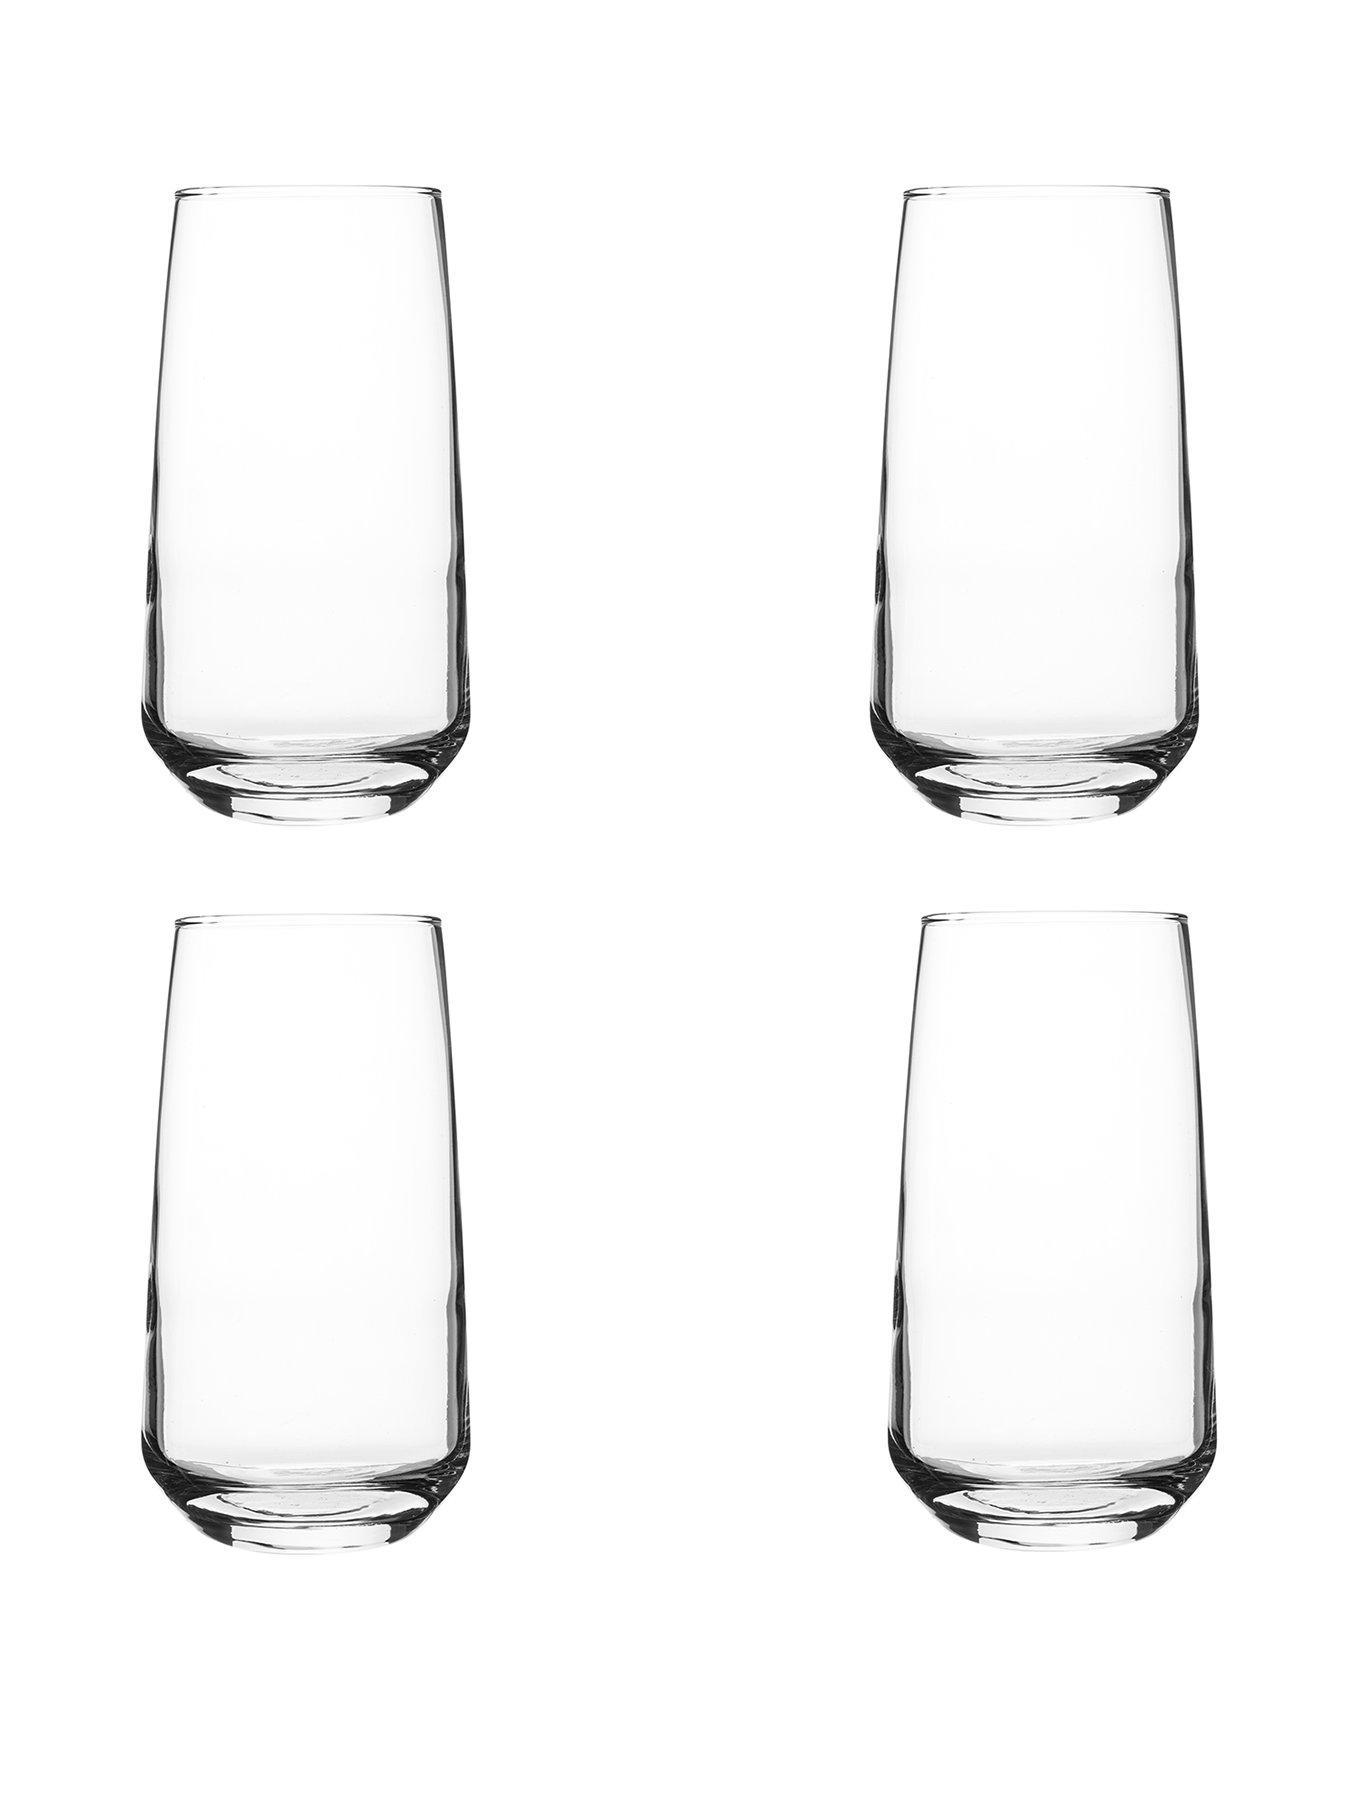 Glassware | Drinkware | Home & garden | very.co.uk